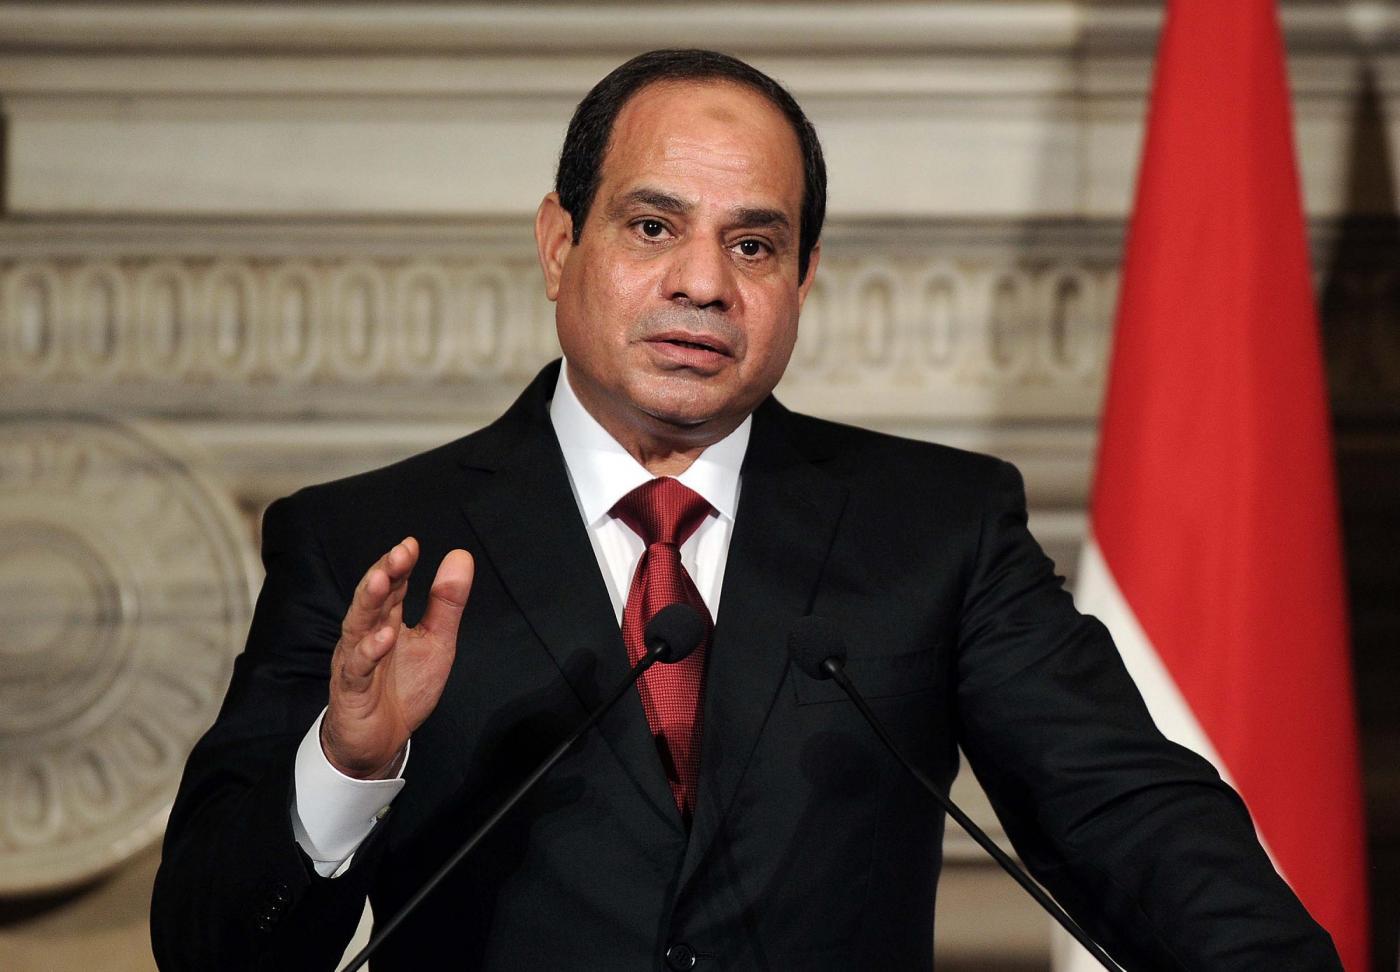 Torture e sparizioni forzate in Egitto: il vero volto del regime di al-Sisi